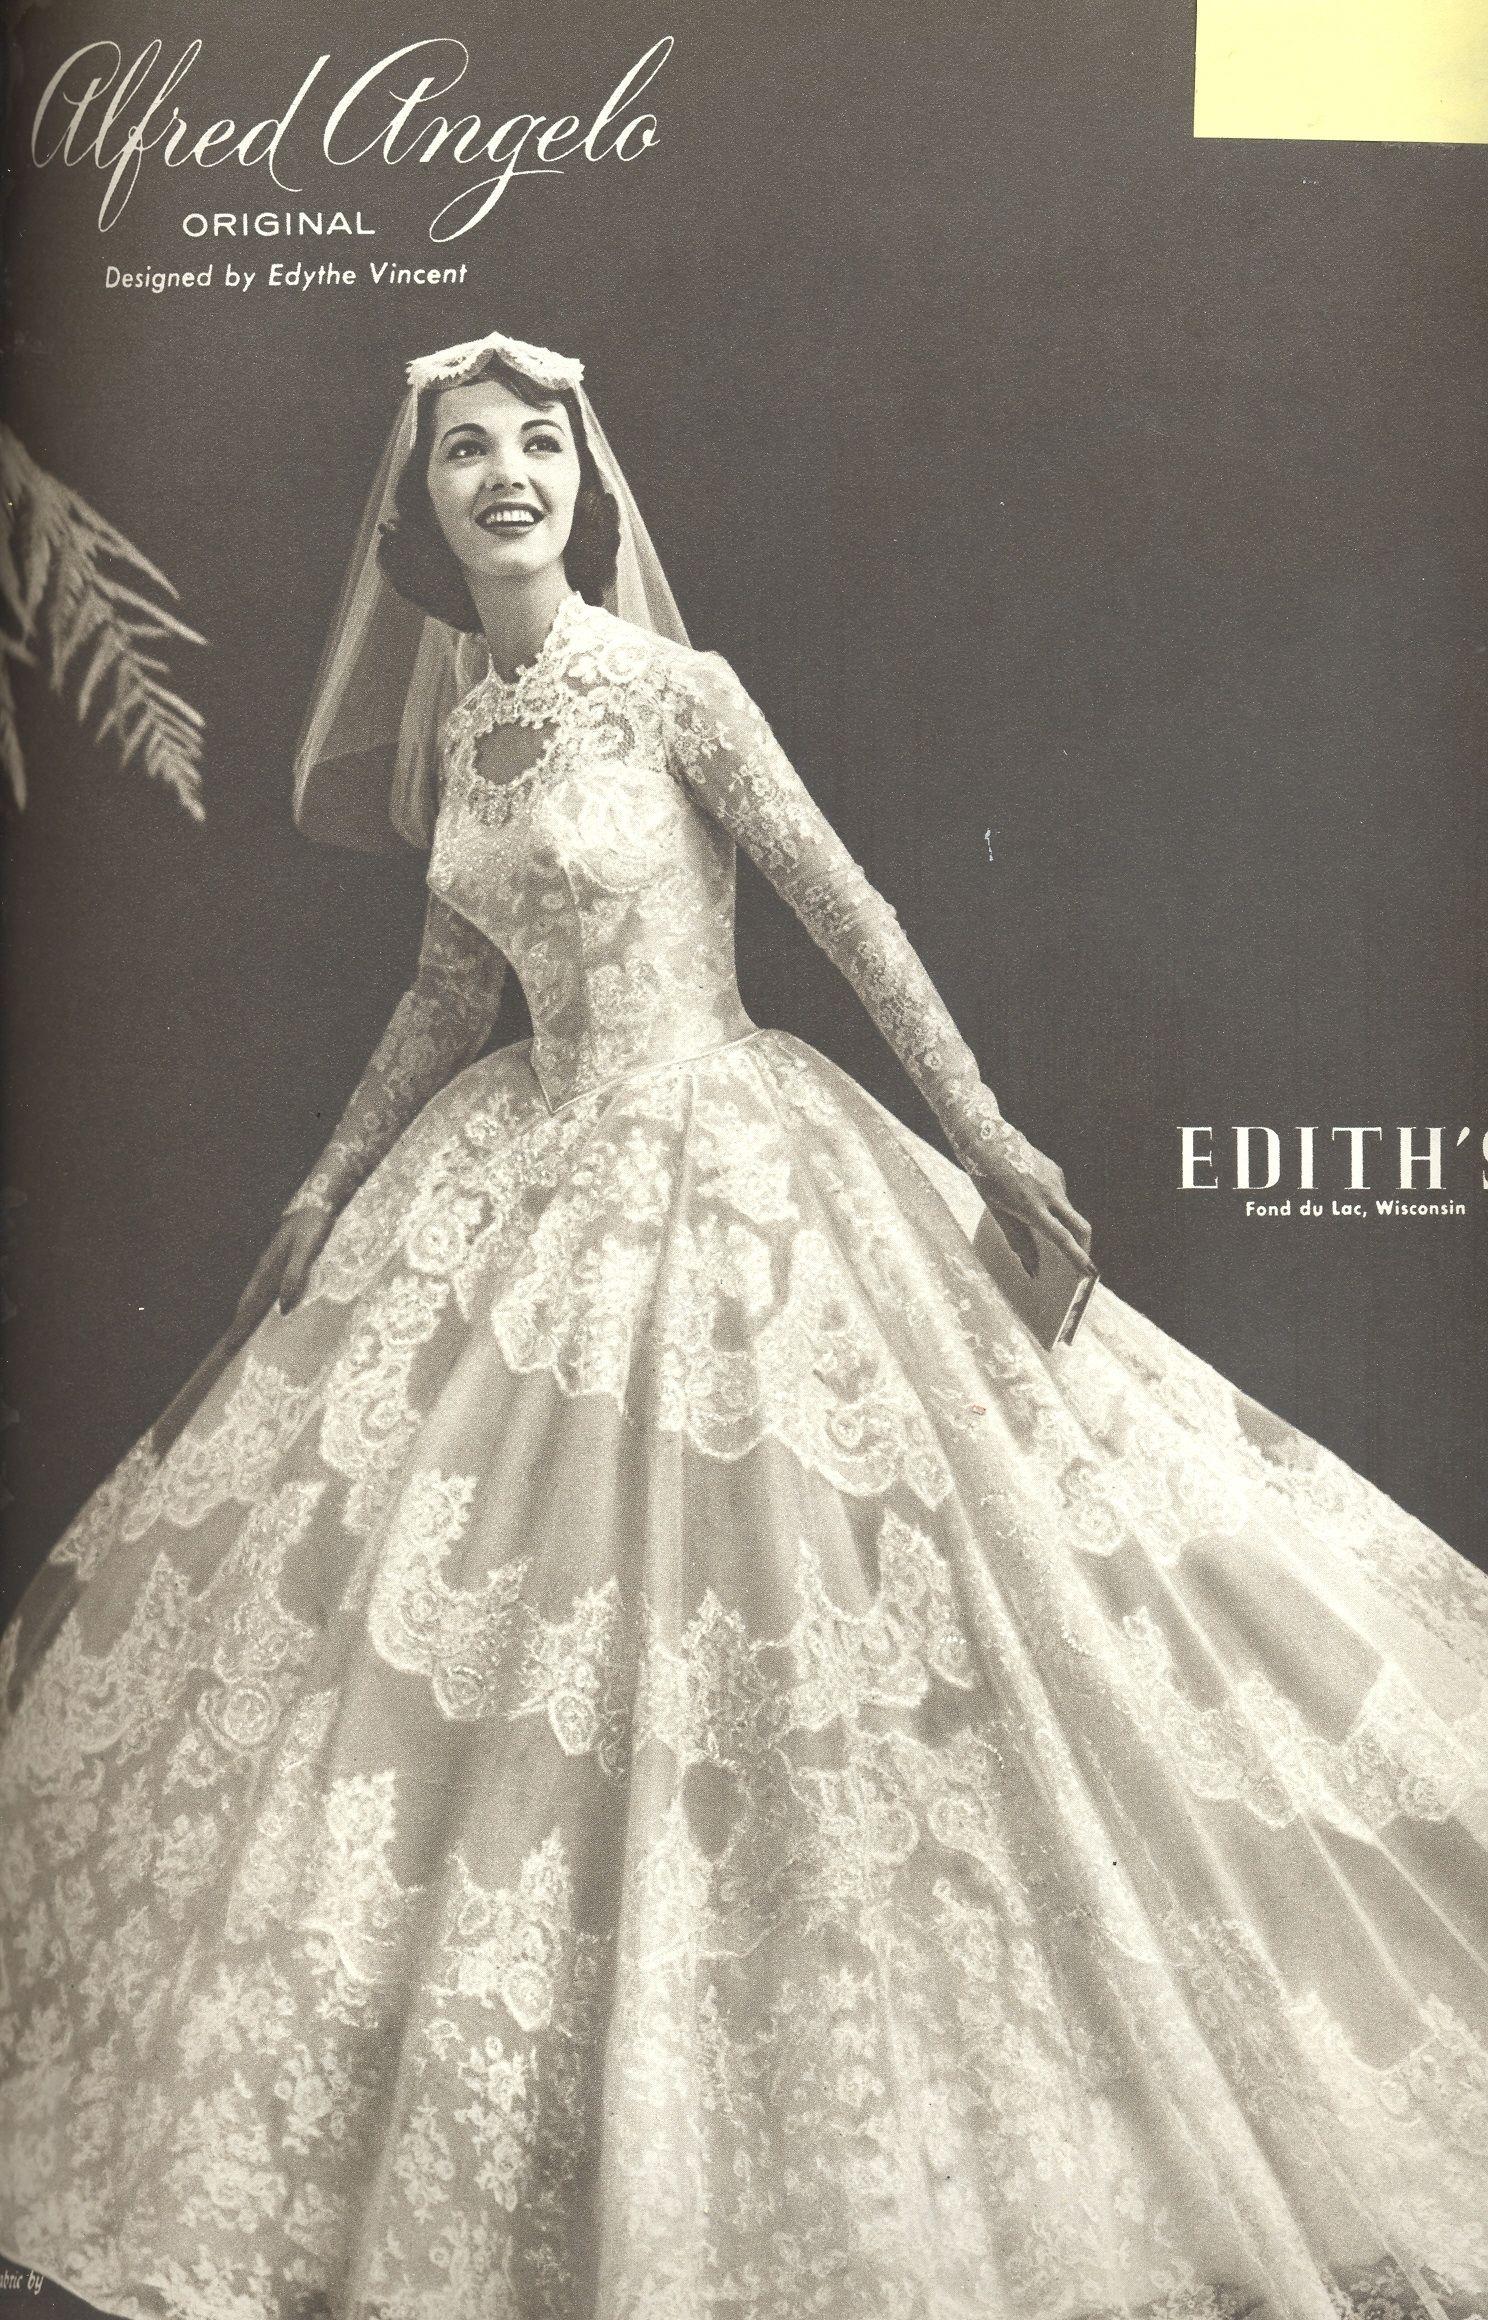 An Alfred Angelo Original Designed By Edythe Vincent Vintage Designer Fashion Bride Ad From Spring1958